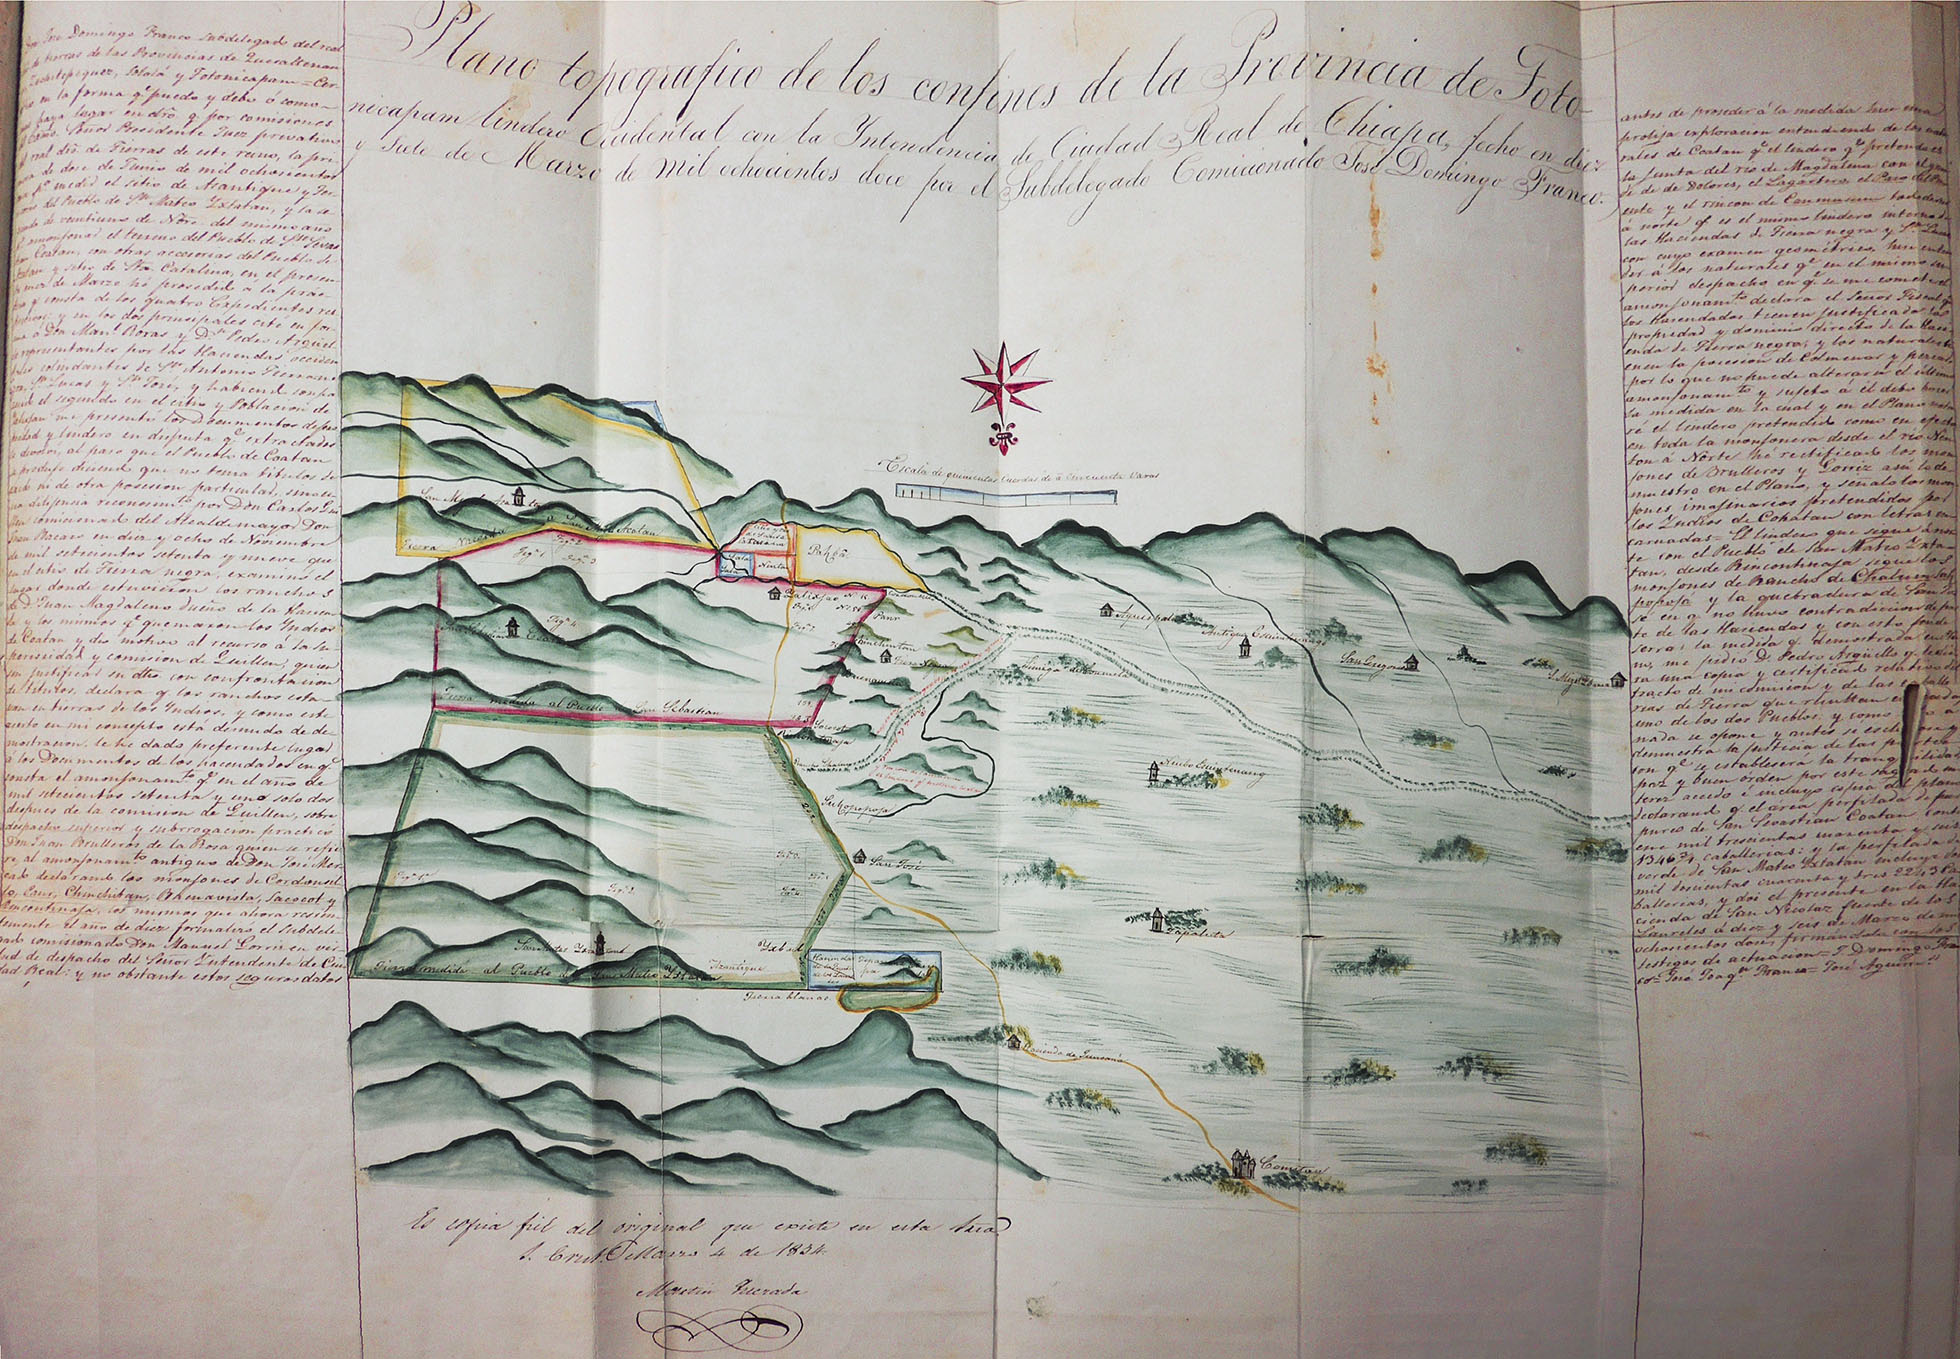 Imagen: Plano topográfico de los confines de la provincia de Totonicapán lindero occidental con la intendencia de Ciudad Real de Chiapa AHGE-SRE, L-E-2000.